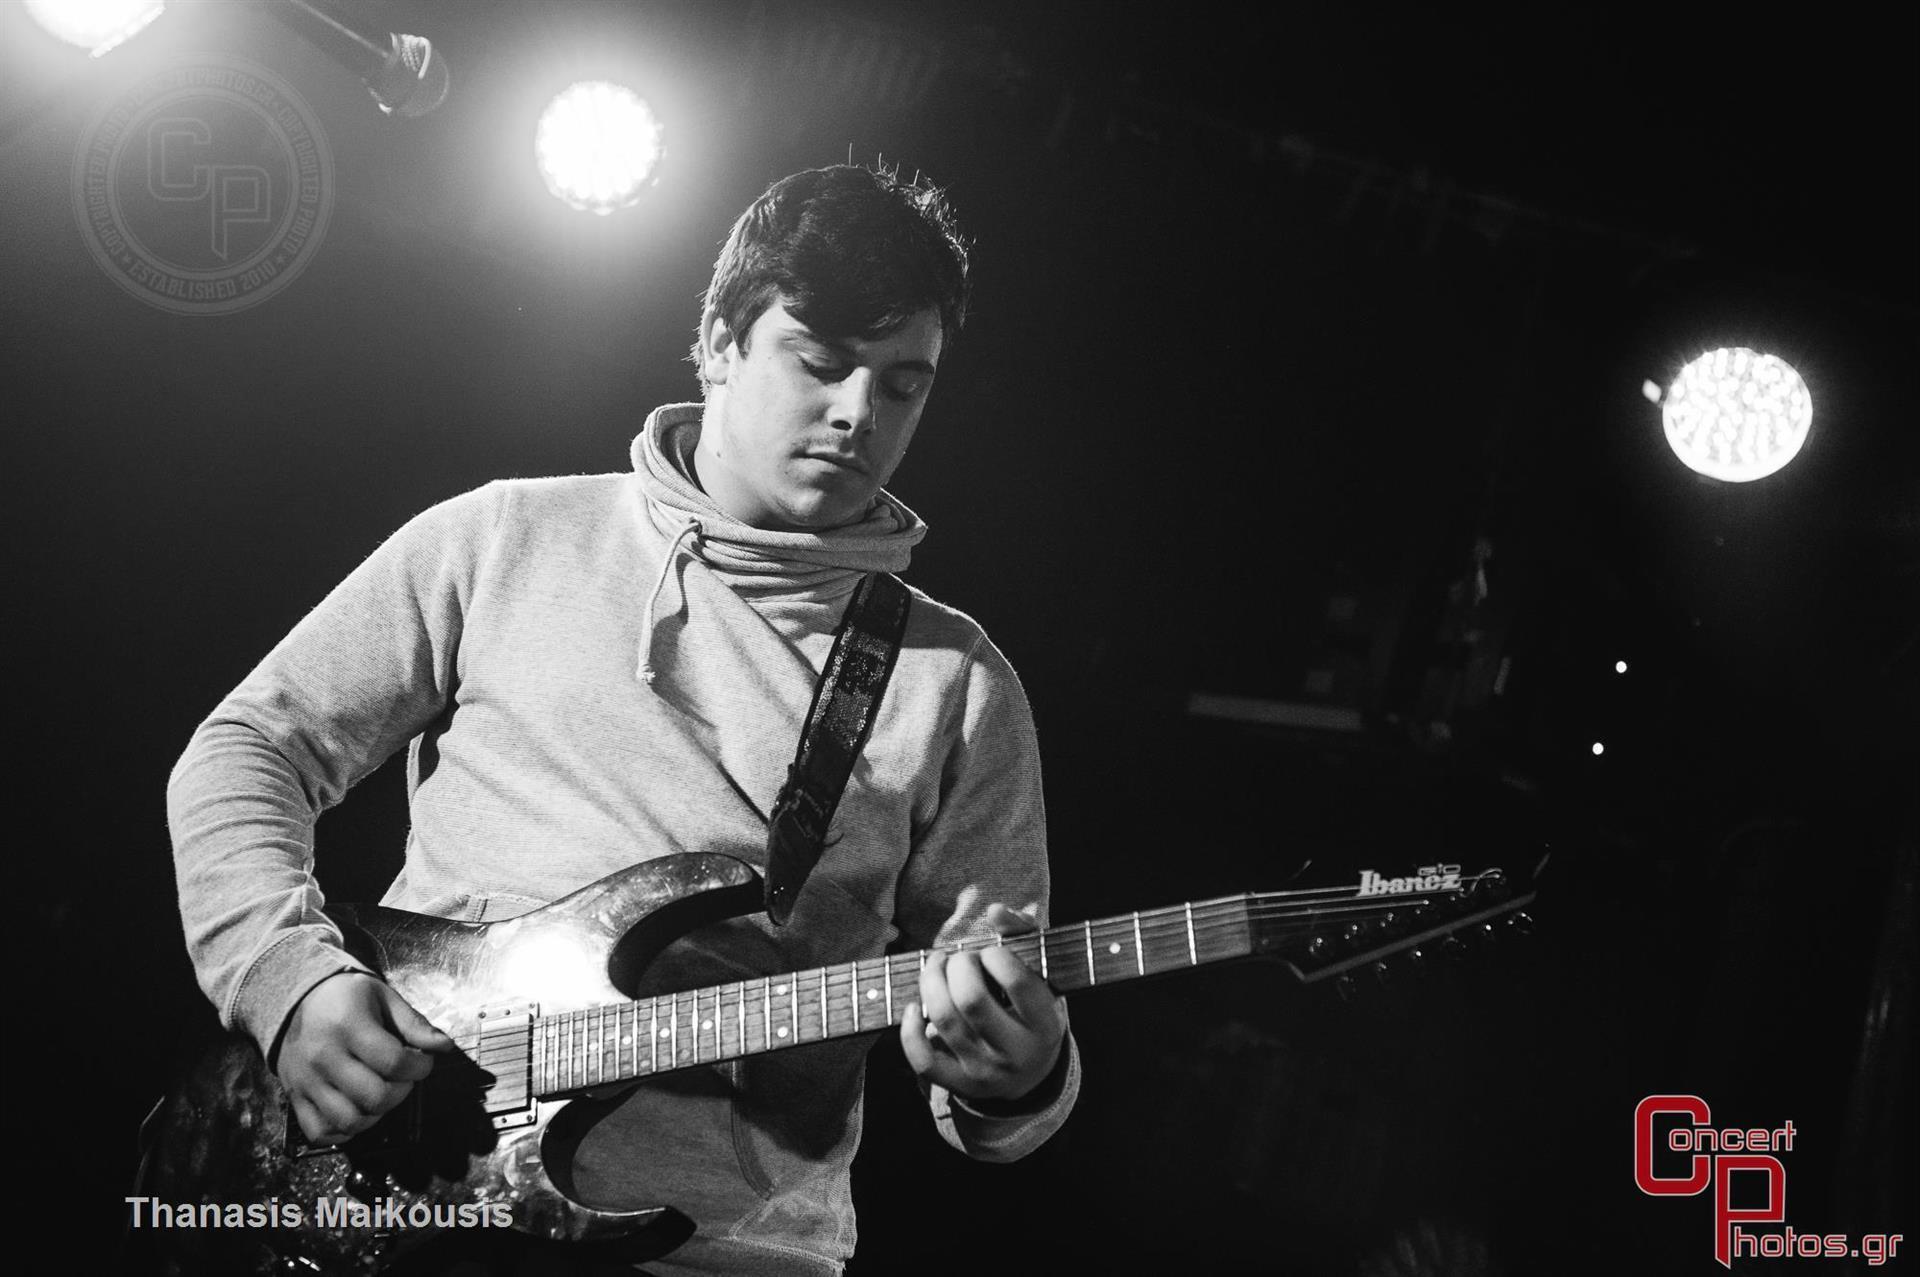 Battle Of The Bands Leg 5-Battle Of The Bands Leg 4 photographer: Thanasis Maikousis - ConcertPhotos - 20150315_2232_34